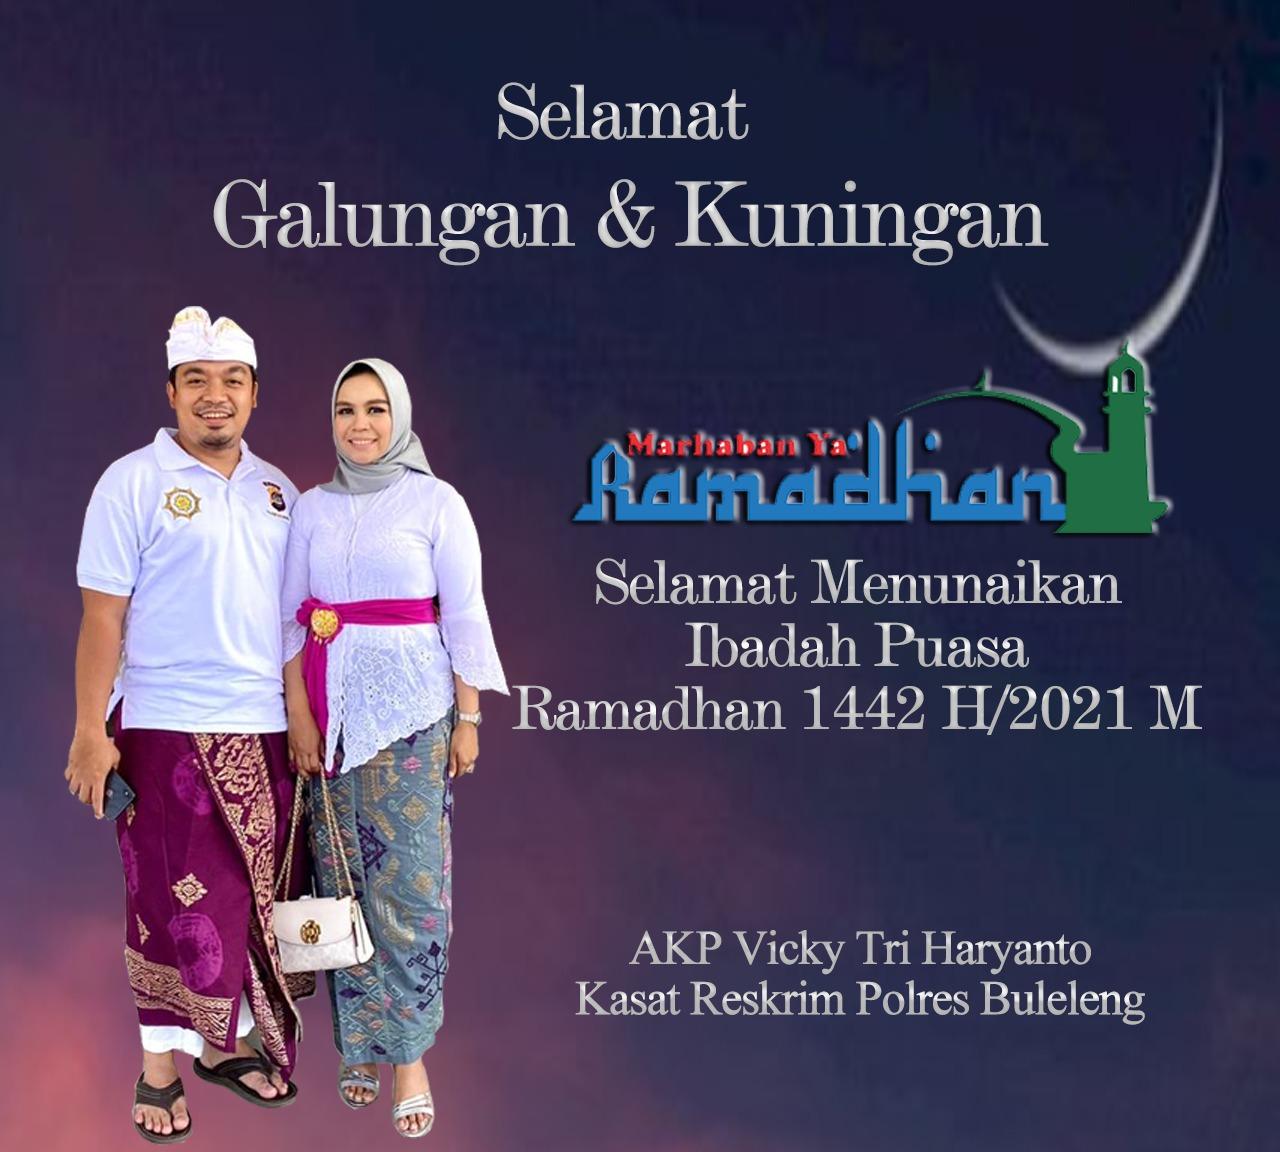 Marhaban ya Ramadhan 1442 H/2021 M, Selamat Menunaikan Ibadah Puasa